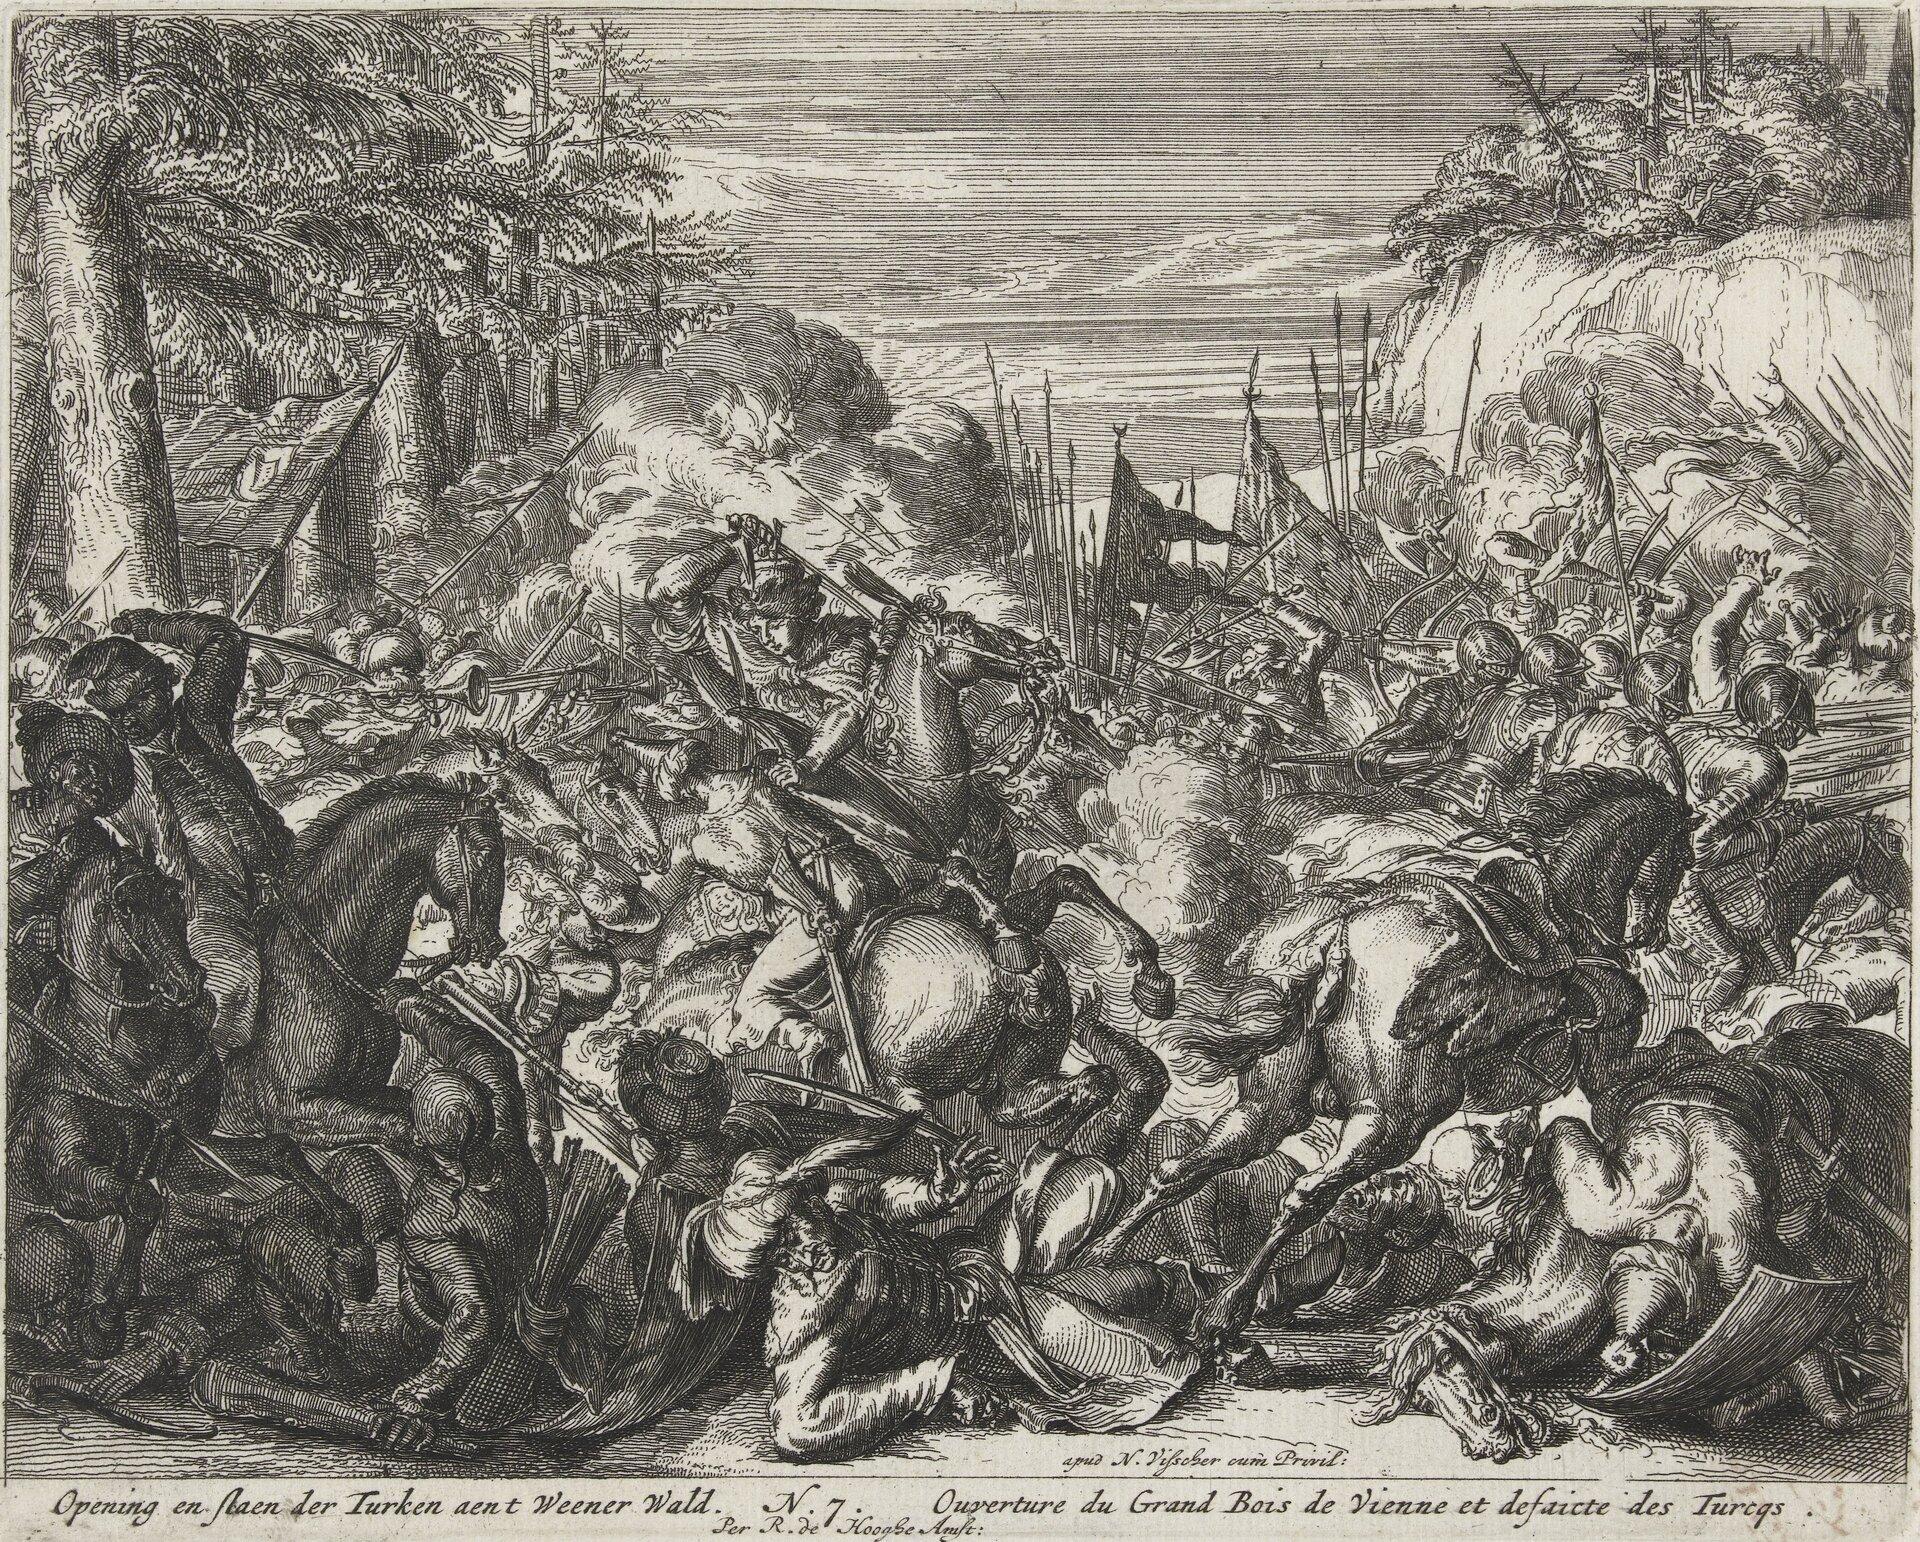 Oblężenie Wiednia - seria Walka między oddziałami habsburskimi iTurkami wLasku Wiedeńskim. Źródło: Romeyn de Hooghe, Oblężenie Wiednia - seria, 1684, akwaforta, Rijksmuseum (hol. Muzeum Państwowe) wAmsterdamie, domena publiczna.